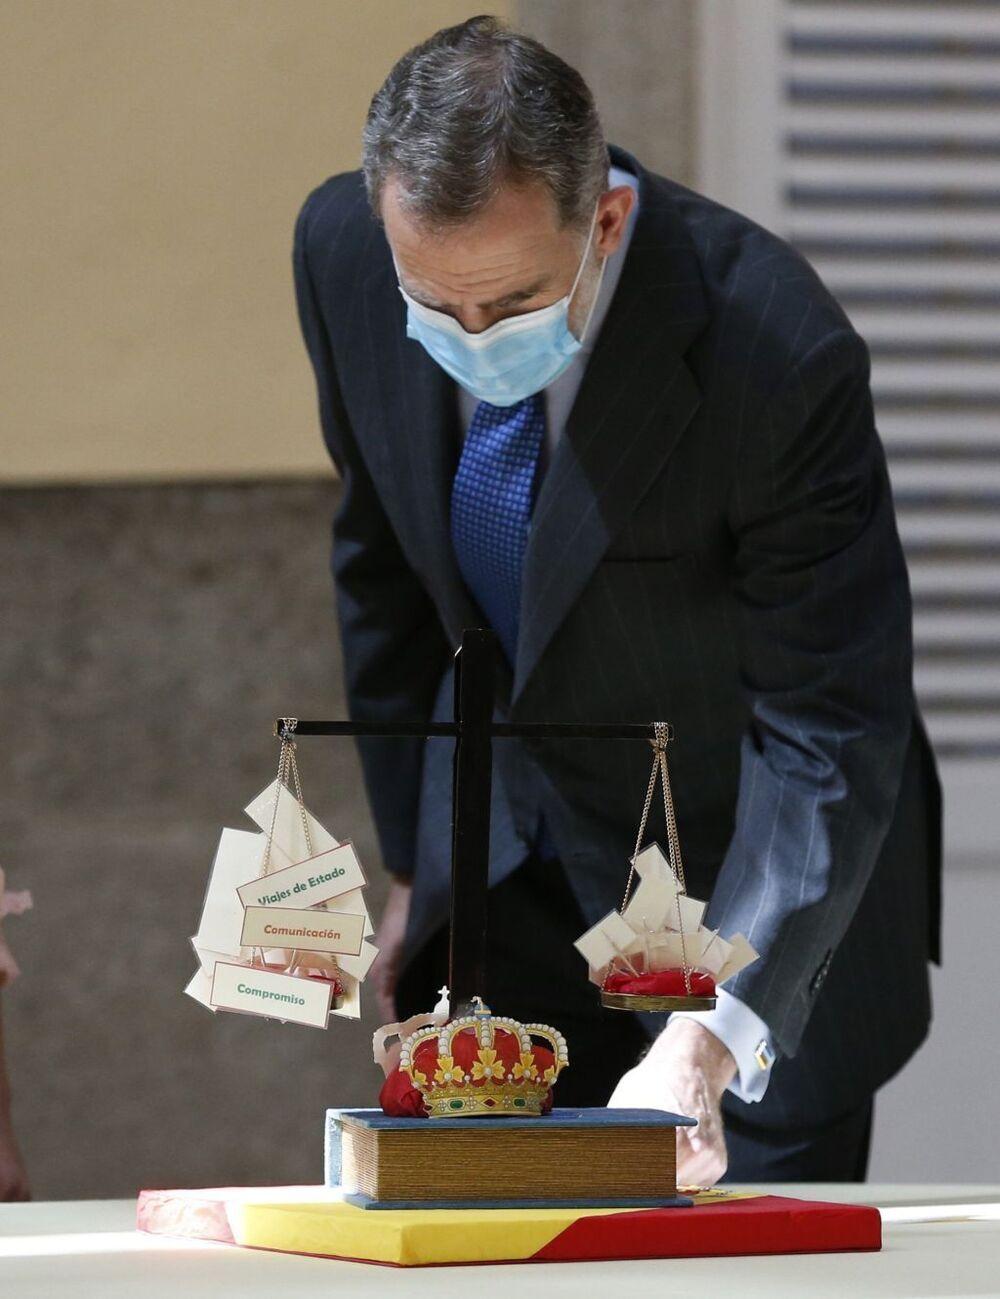 El Rey observa una maqueta con la Constitución y la Corona como garantes de equilibrio en el país.